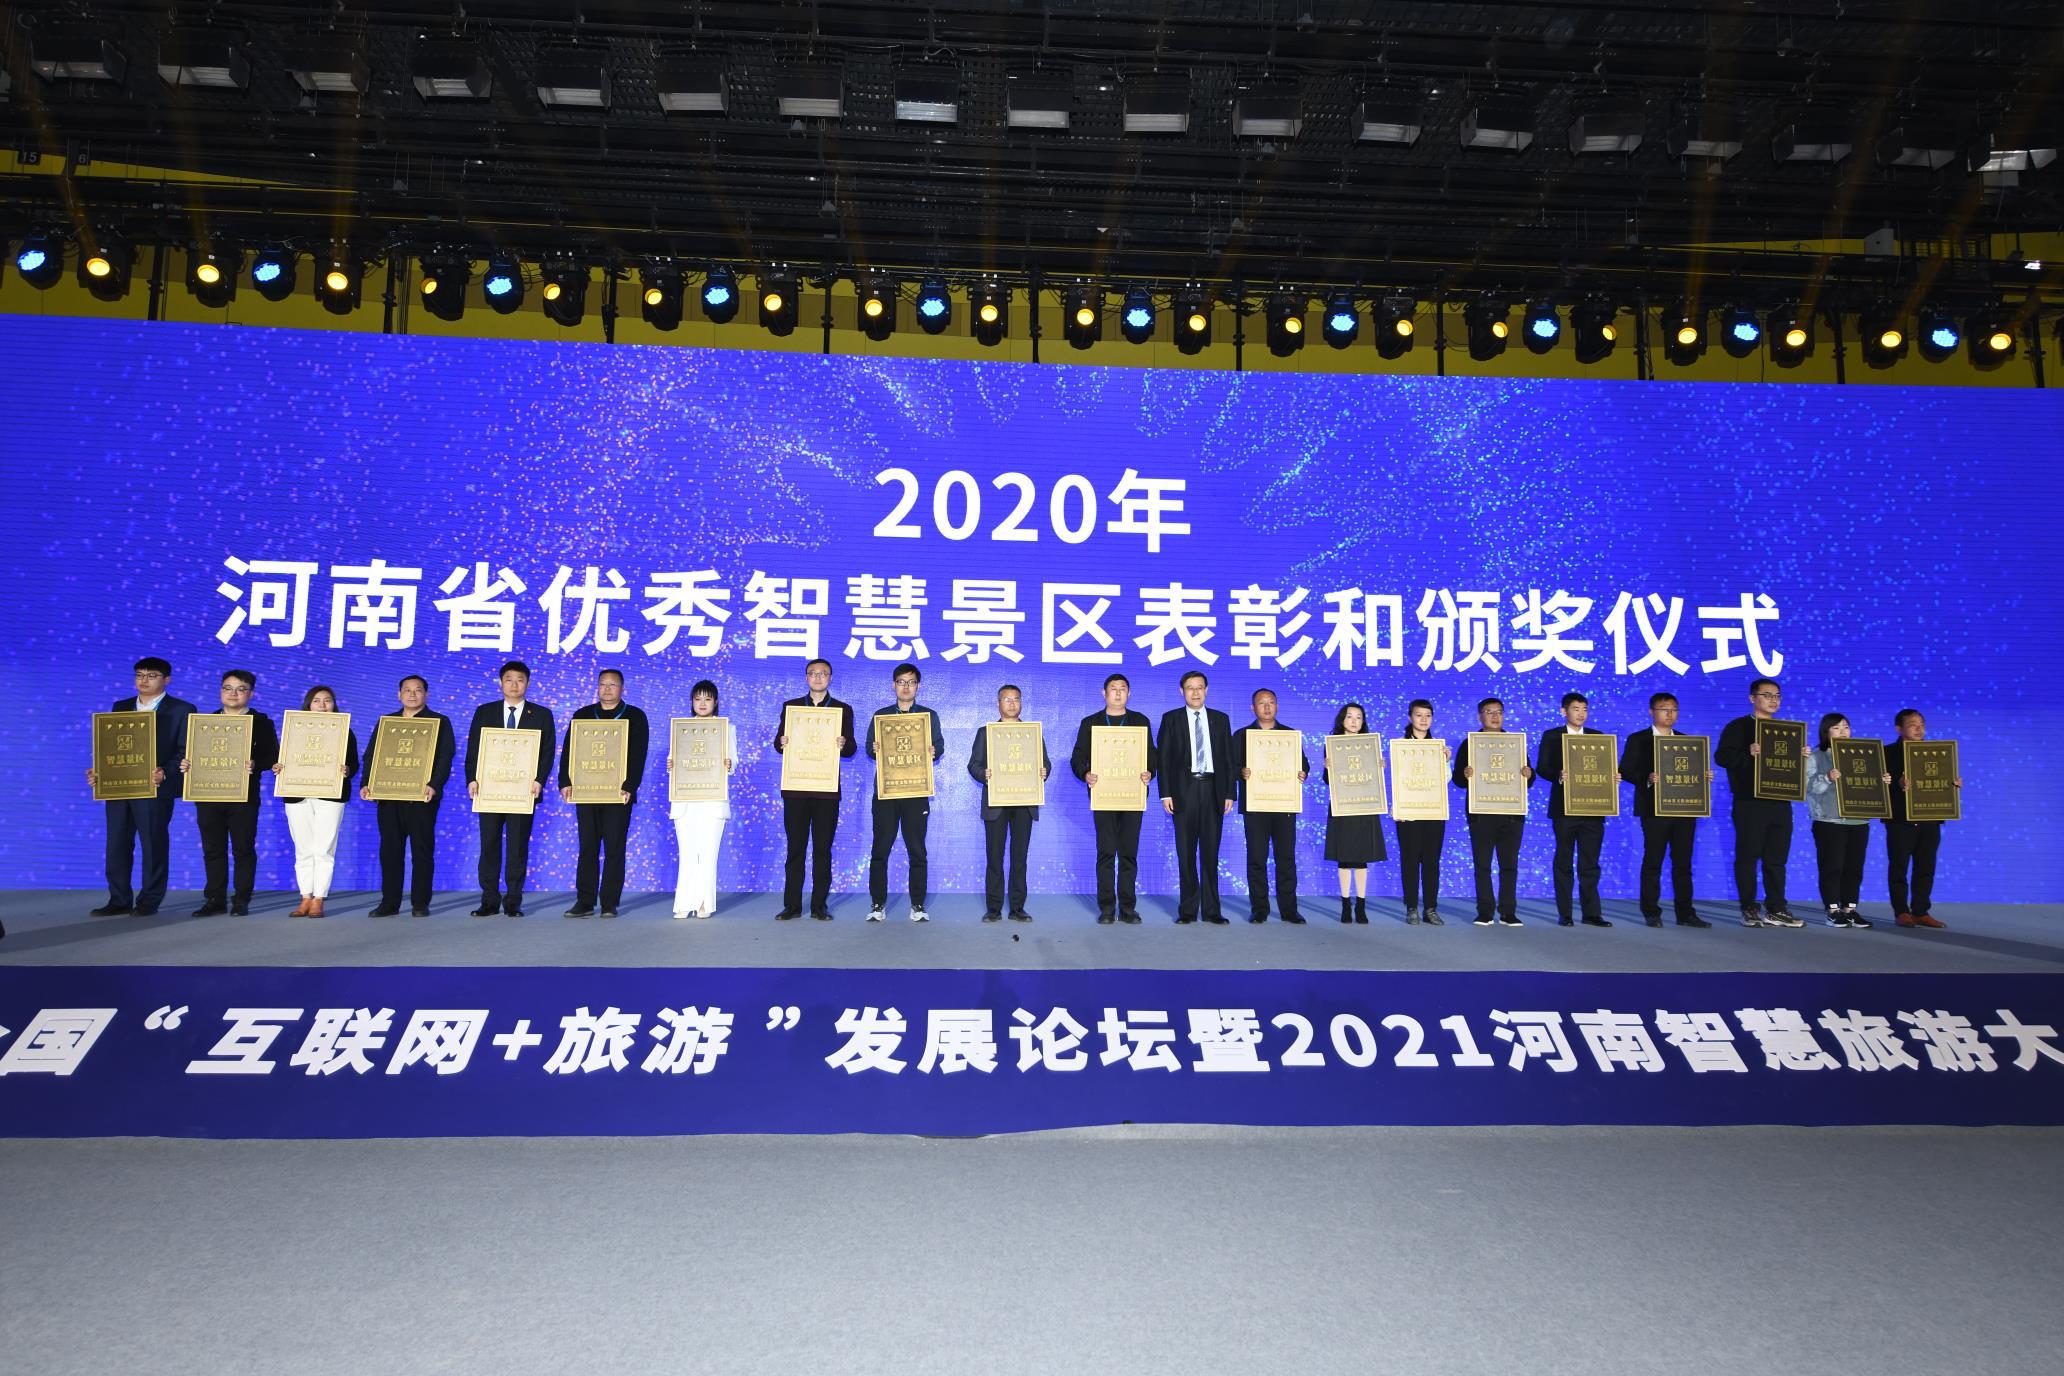 河南省文化和旅游厅关于表彰2020年度智慧景区建设先进单位的决定